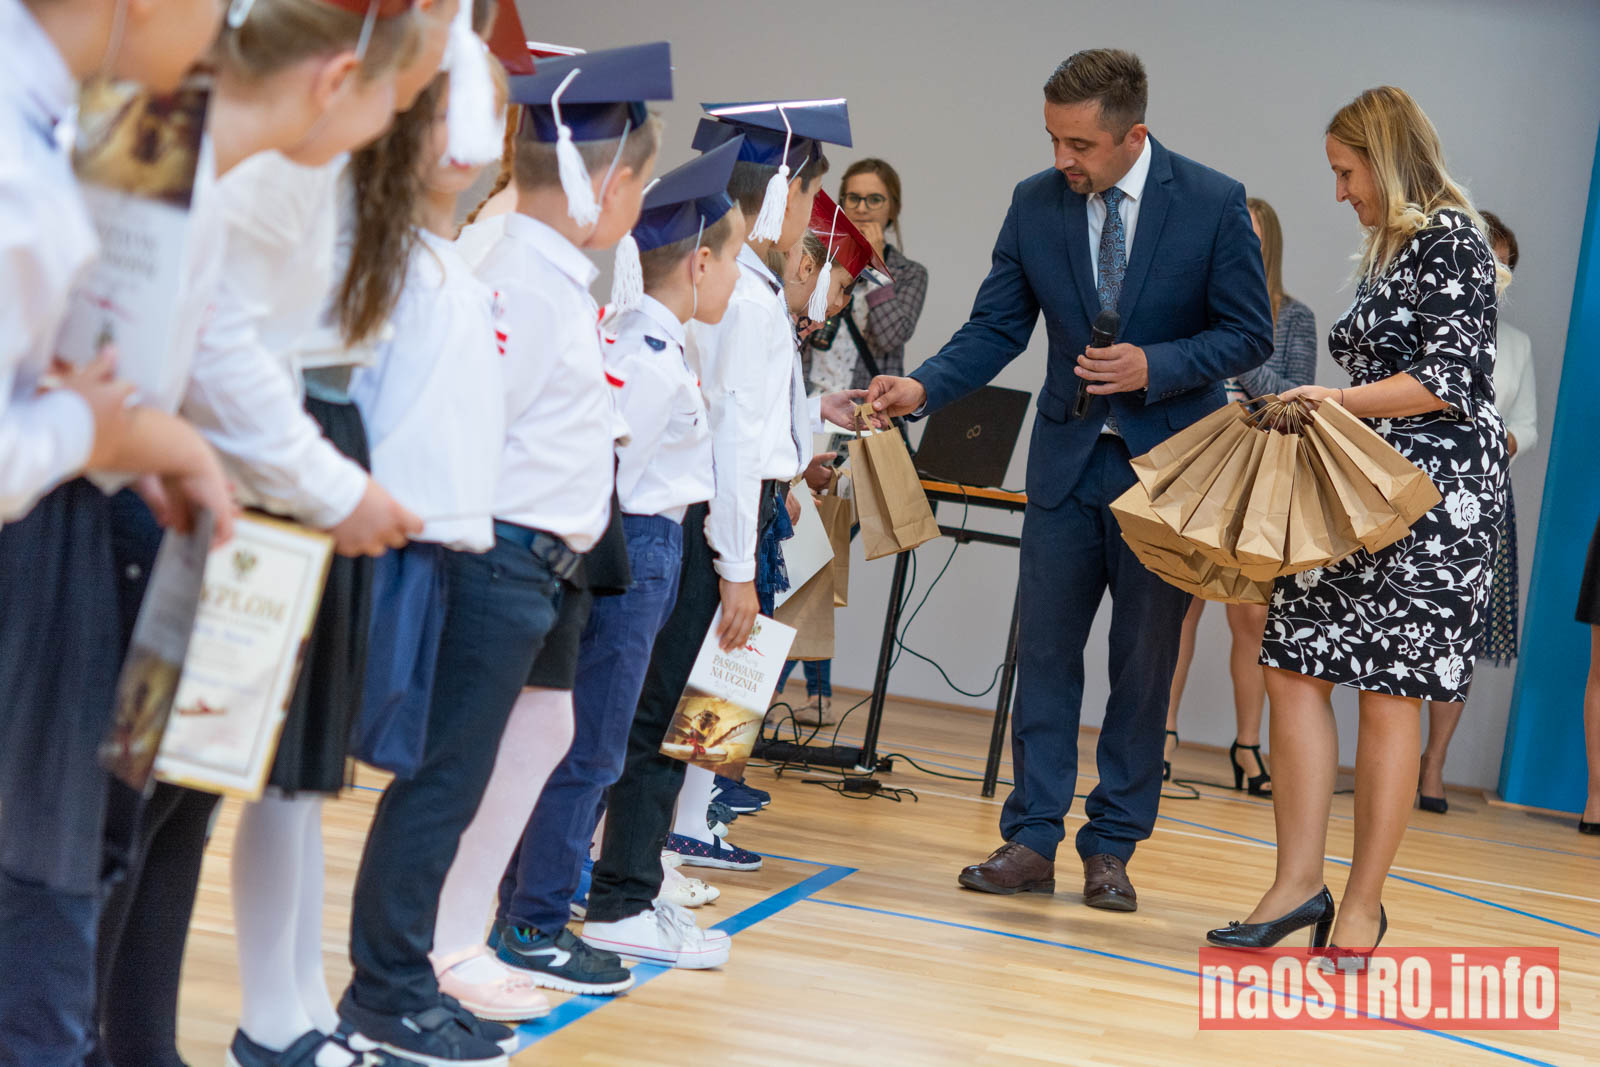 NaOSTRO Otwarcie Szkoły w Bałtowie-164